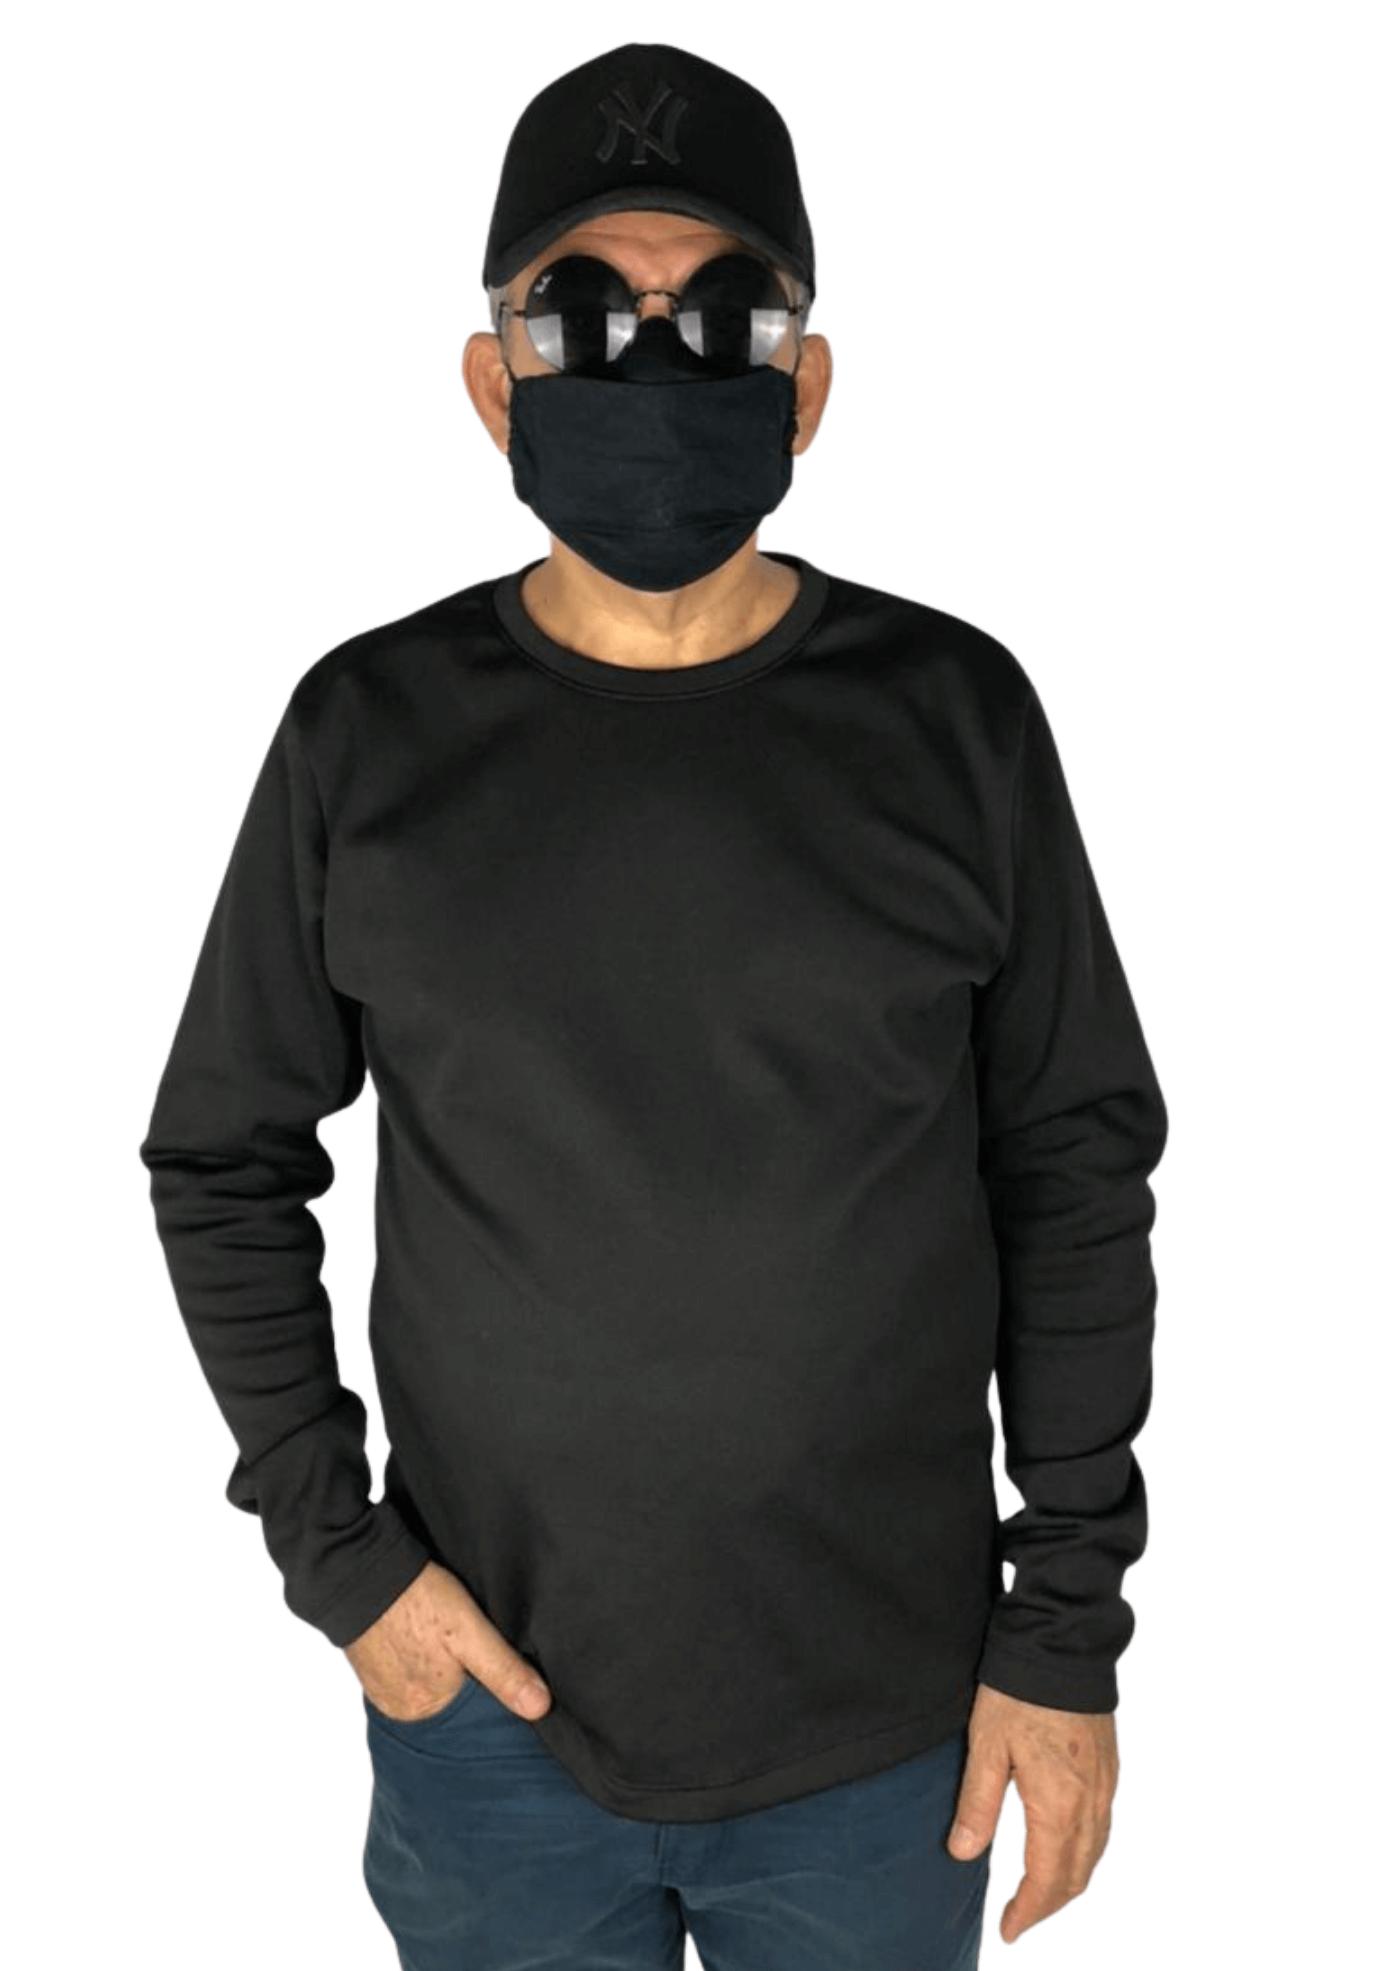 Agasalho de Moletom Flanelado - Blusão EXXPlusSize